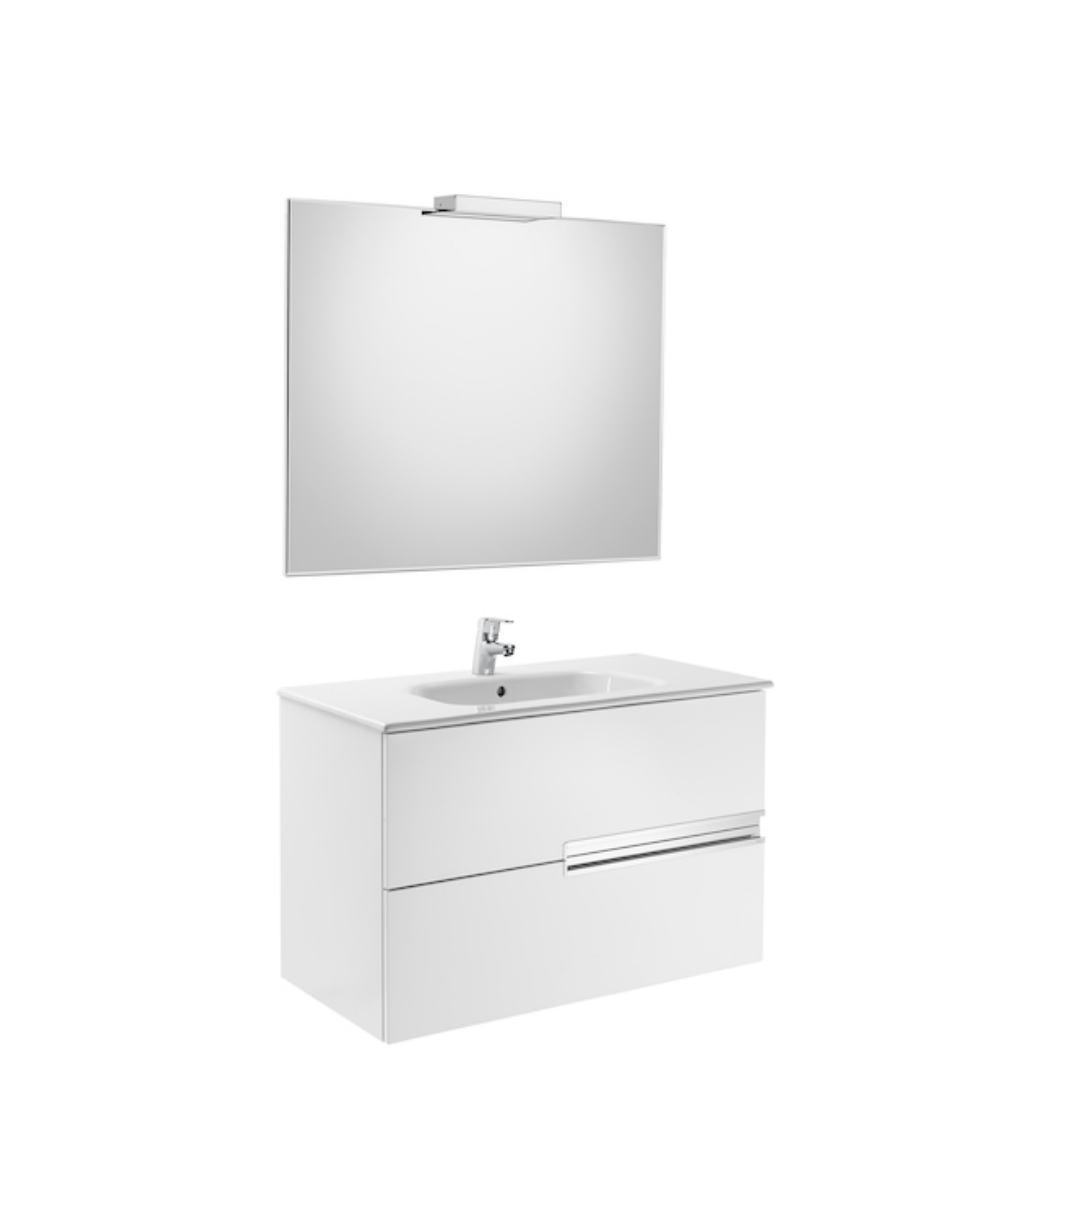 Conjunto mueble de ba o roca victoria n 80x46 blanco for Muebles bano roca precios